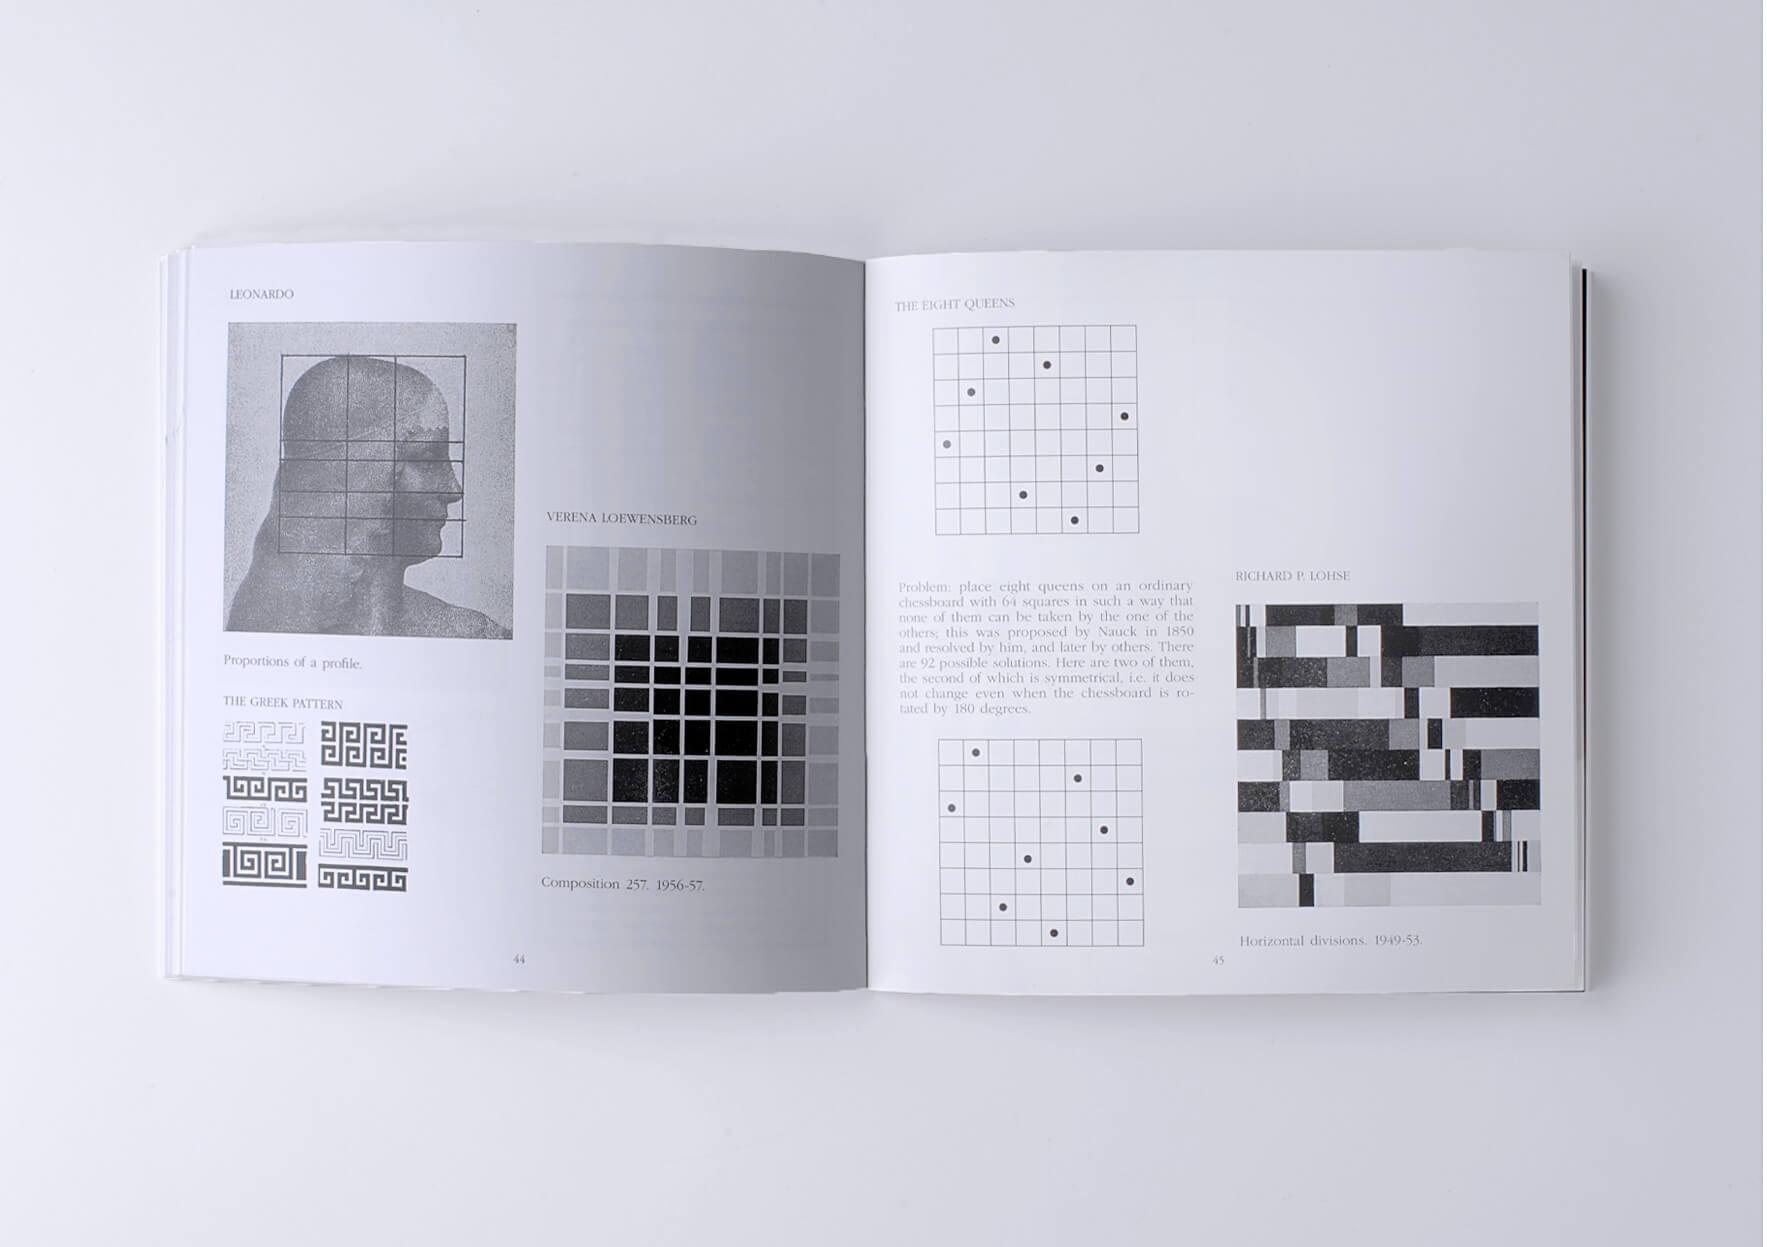 | The Square | ProjecteSD